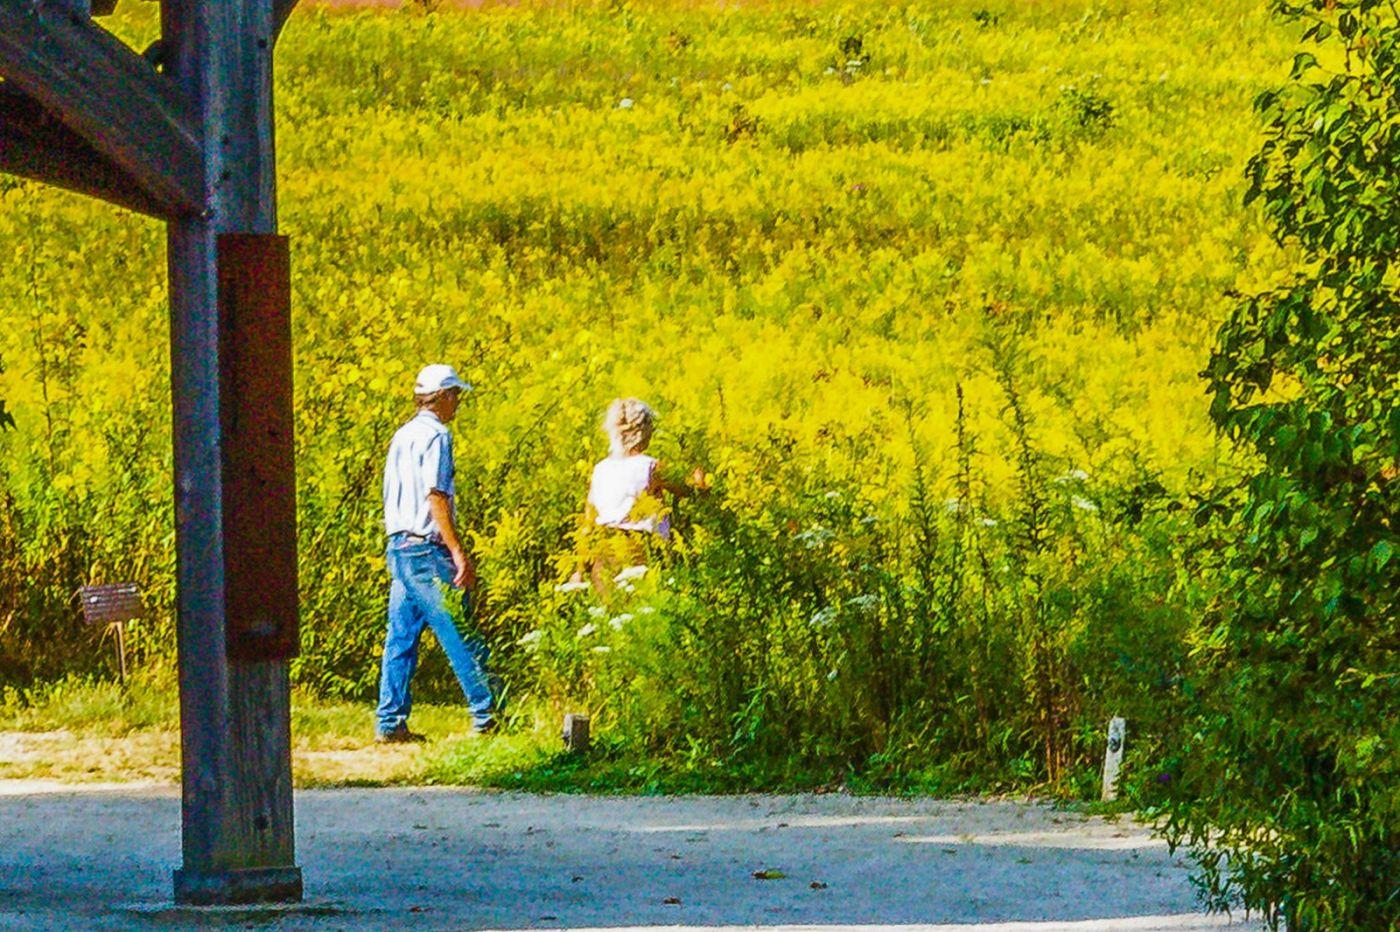 宾州长木公园,熟悉的景色_图1-12